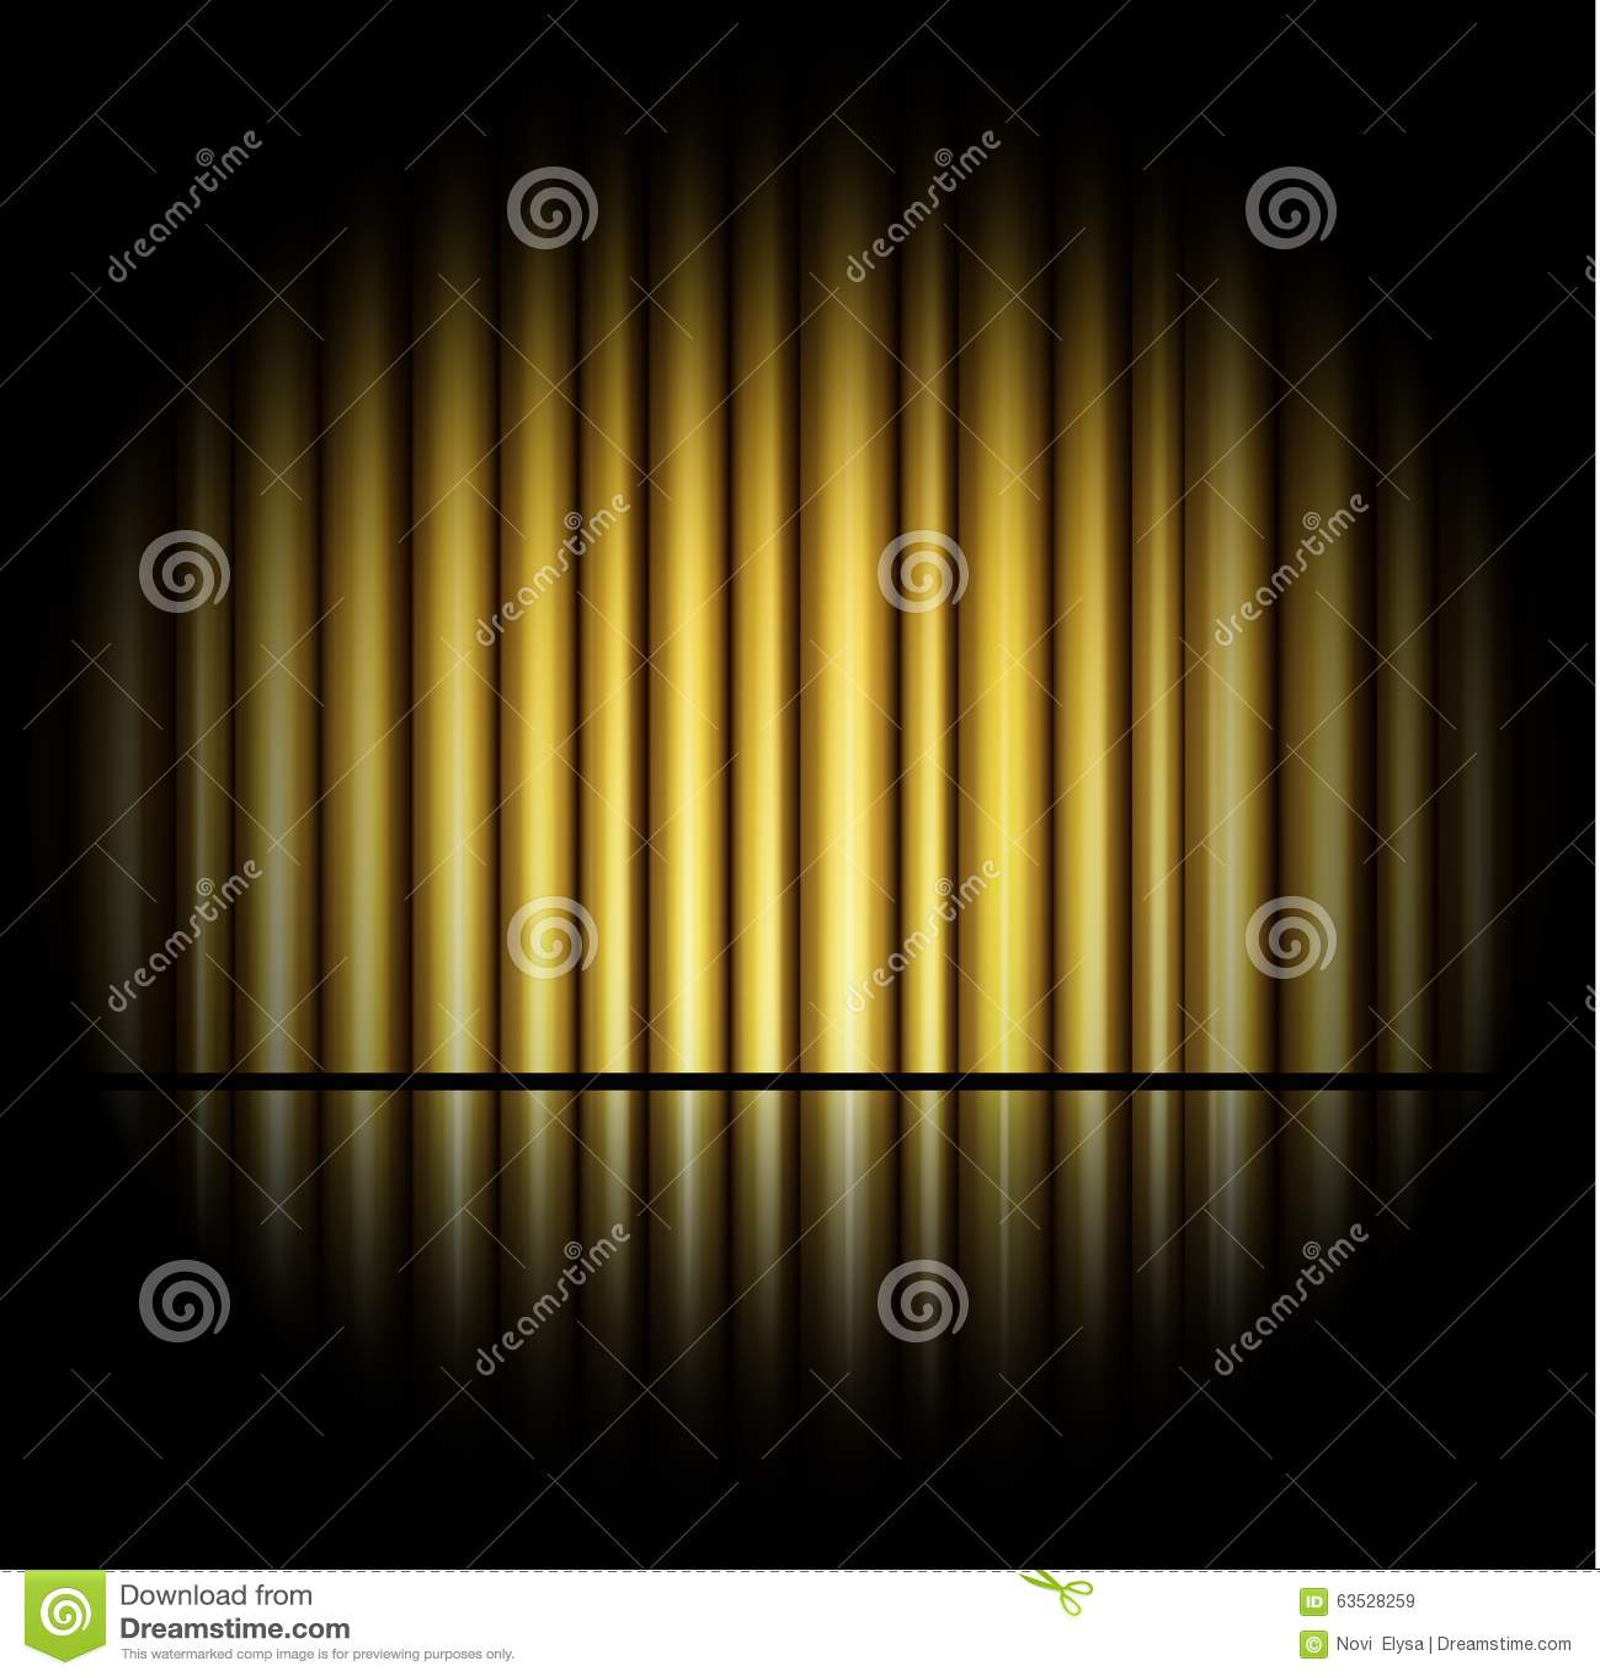 rideau de fond d or illustration de vecteur image 63528259